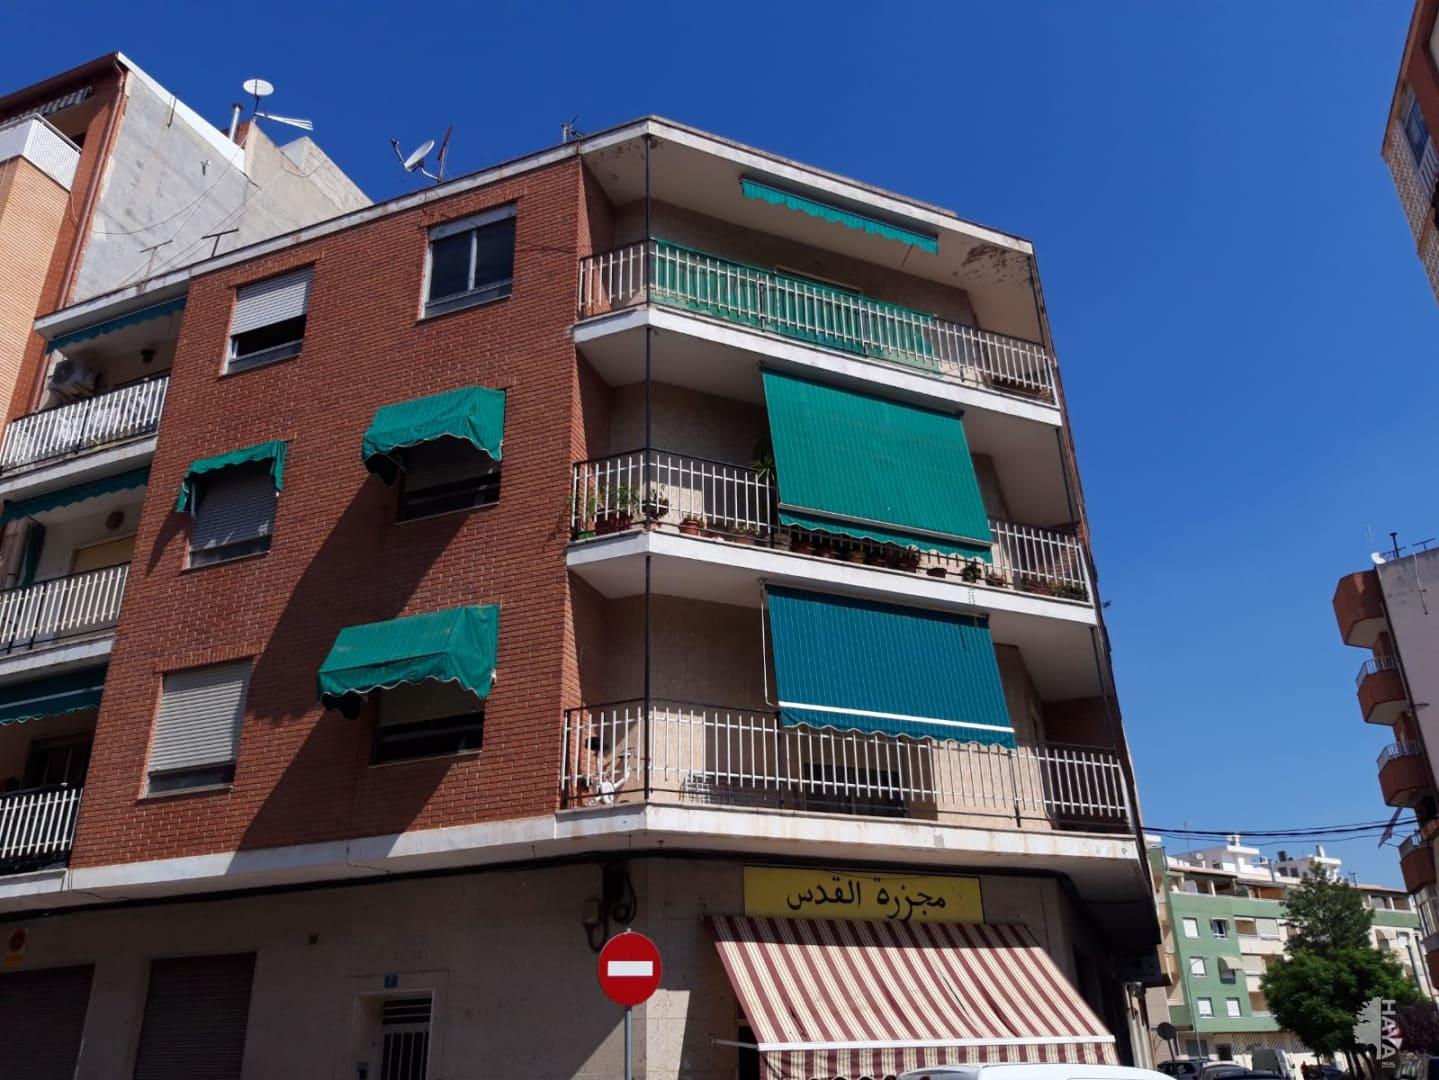 Piso en venta en Callosa de Segura, Alicante, Calle Dos de Mayo, 41.943 €, 3 habitaciones, 1 baño, 111 m2